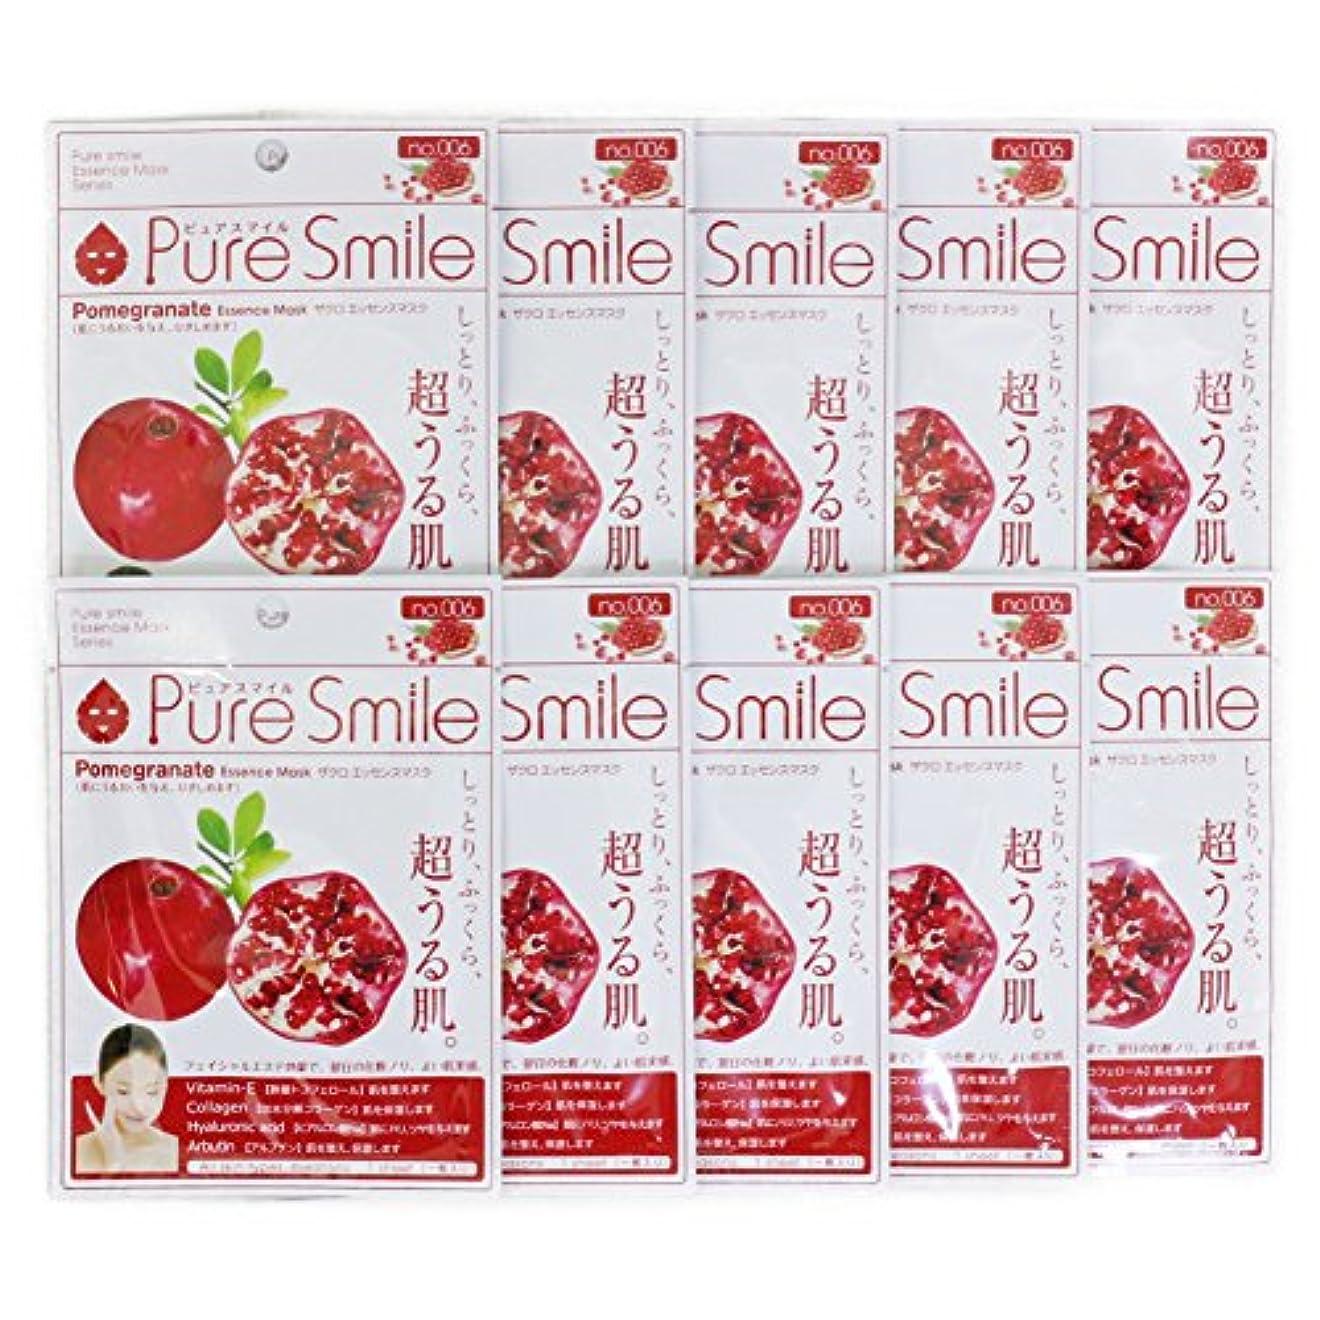 ブルジョン行為指定するPure Smile ピュアスマイル エッセンスマスク ザクロ 10枚セット